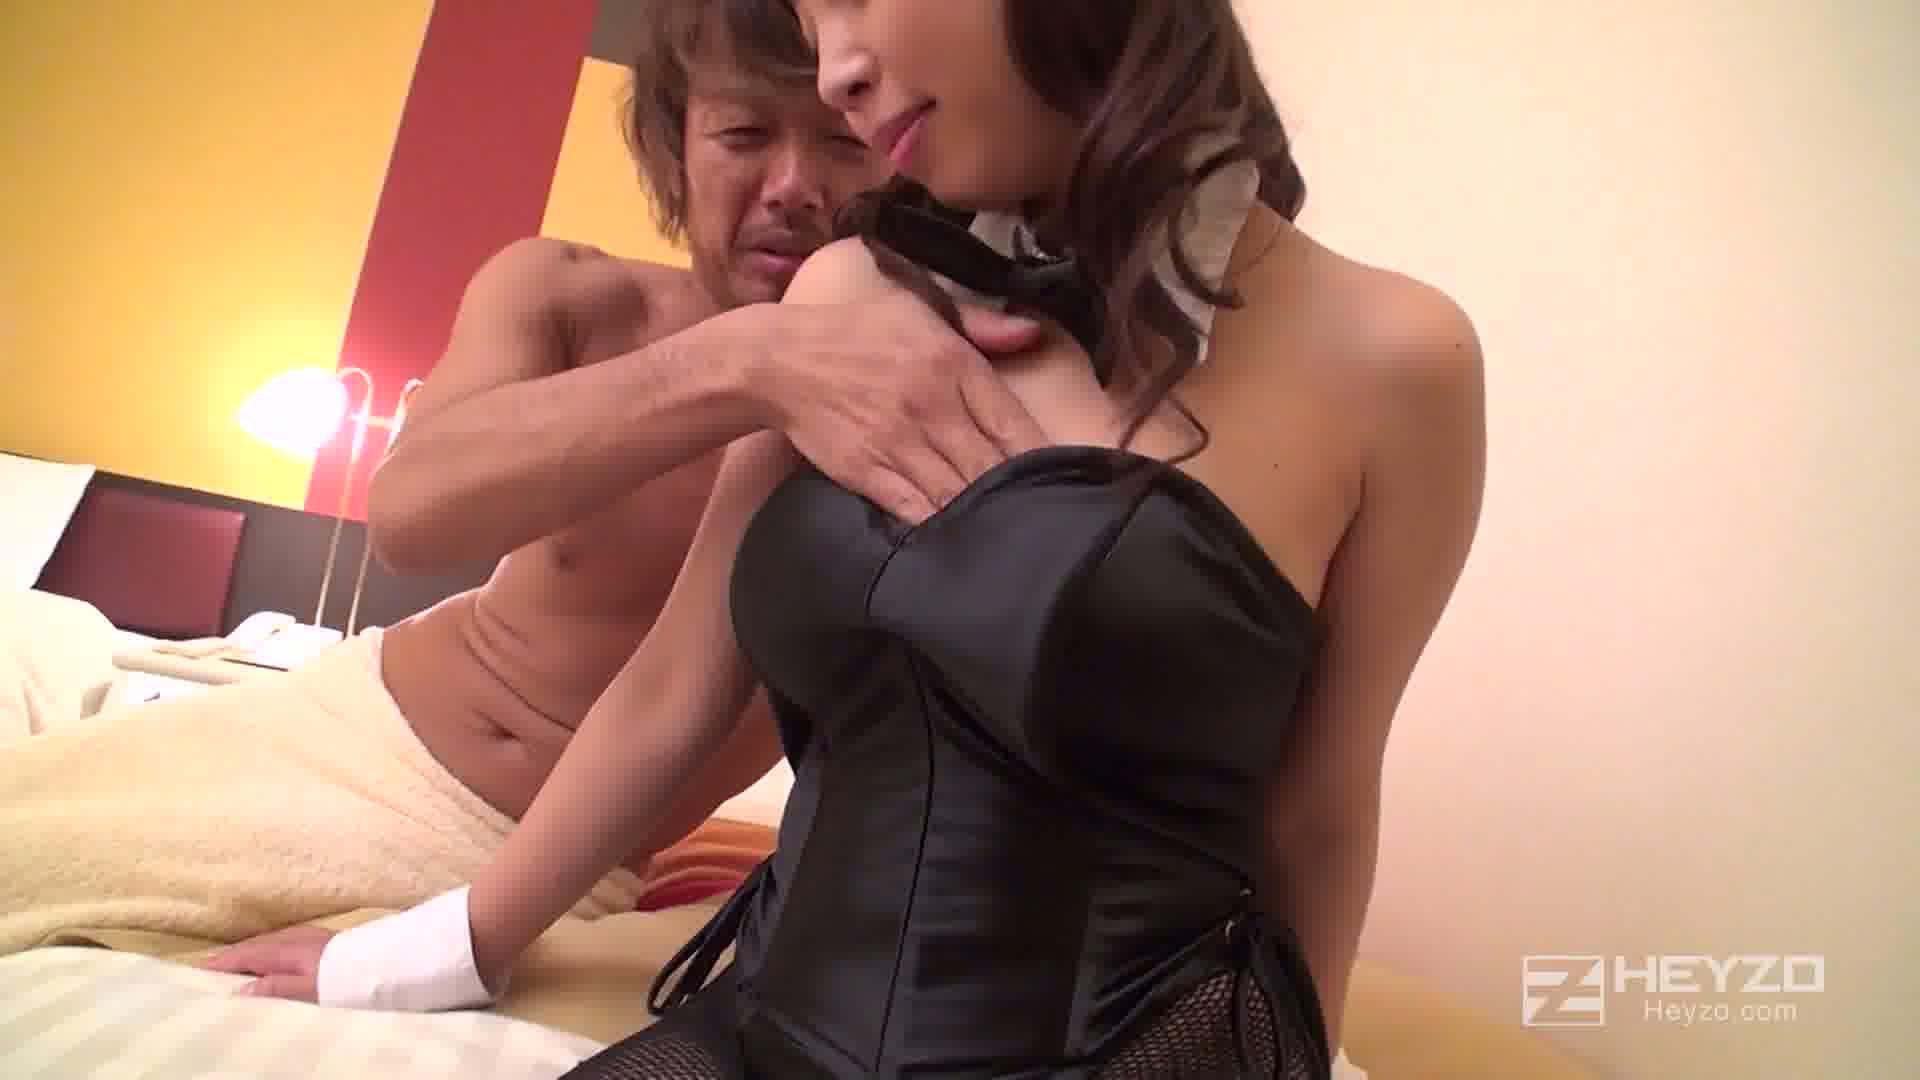 美熟女・汐里さんとぐっちょりセックス~膣年齢ハタチの魔力~ - 溝口汐里【バニーガール Wフェラ 正常位 バック 胸射 掃除フェラ 中だし】